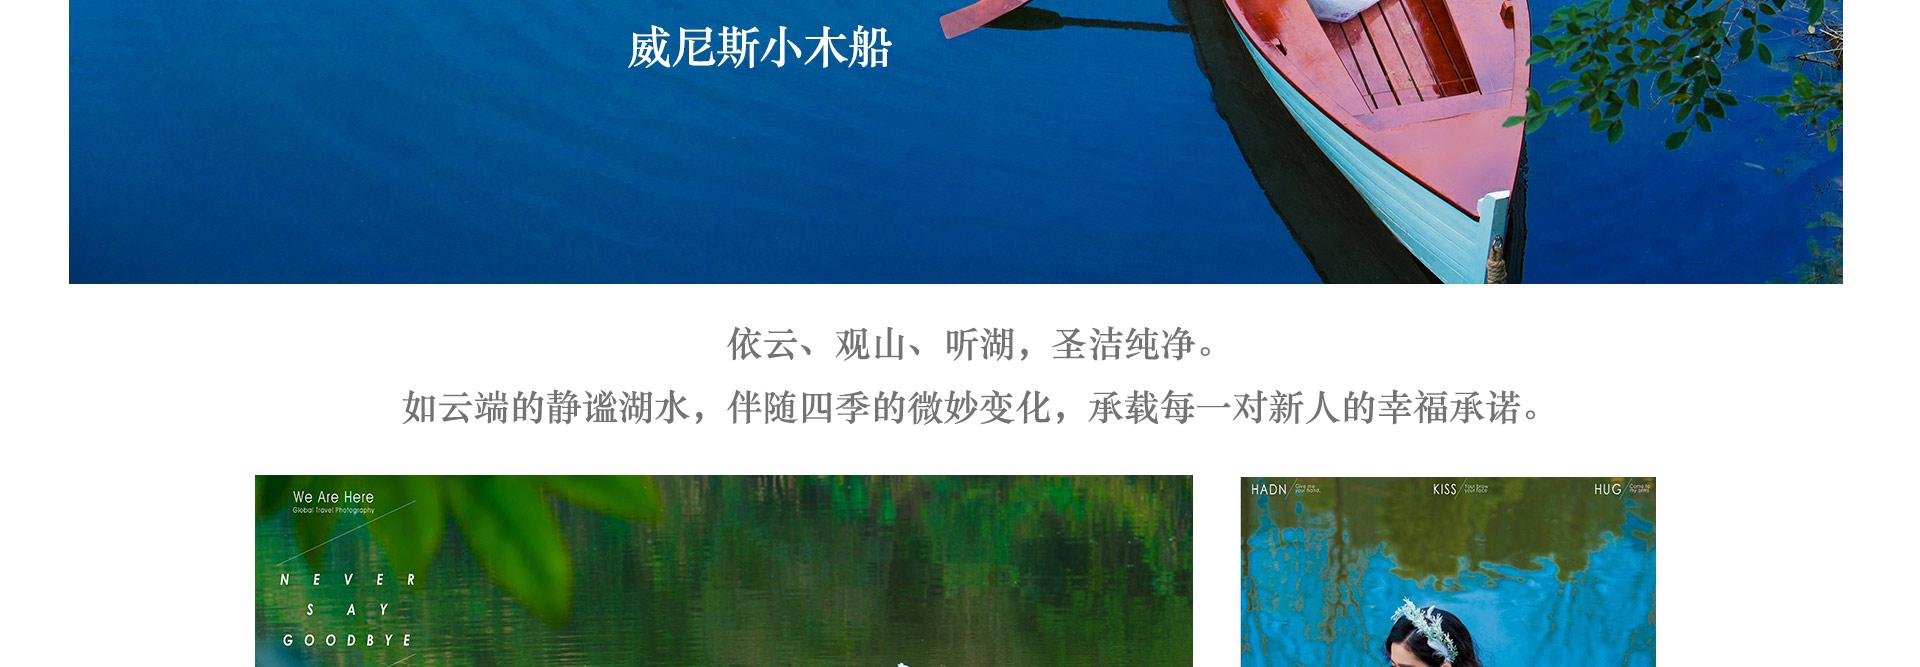 依云湖_07.jpg